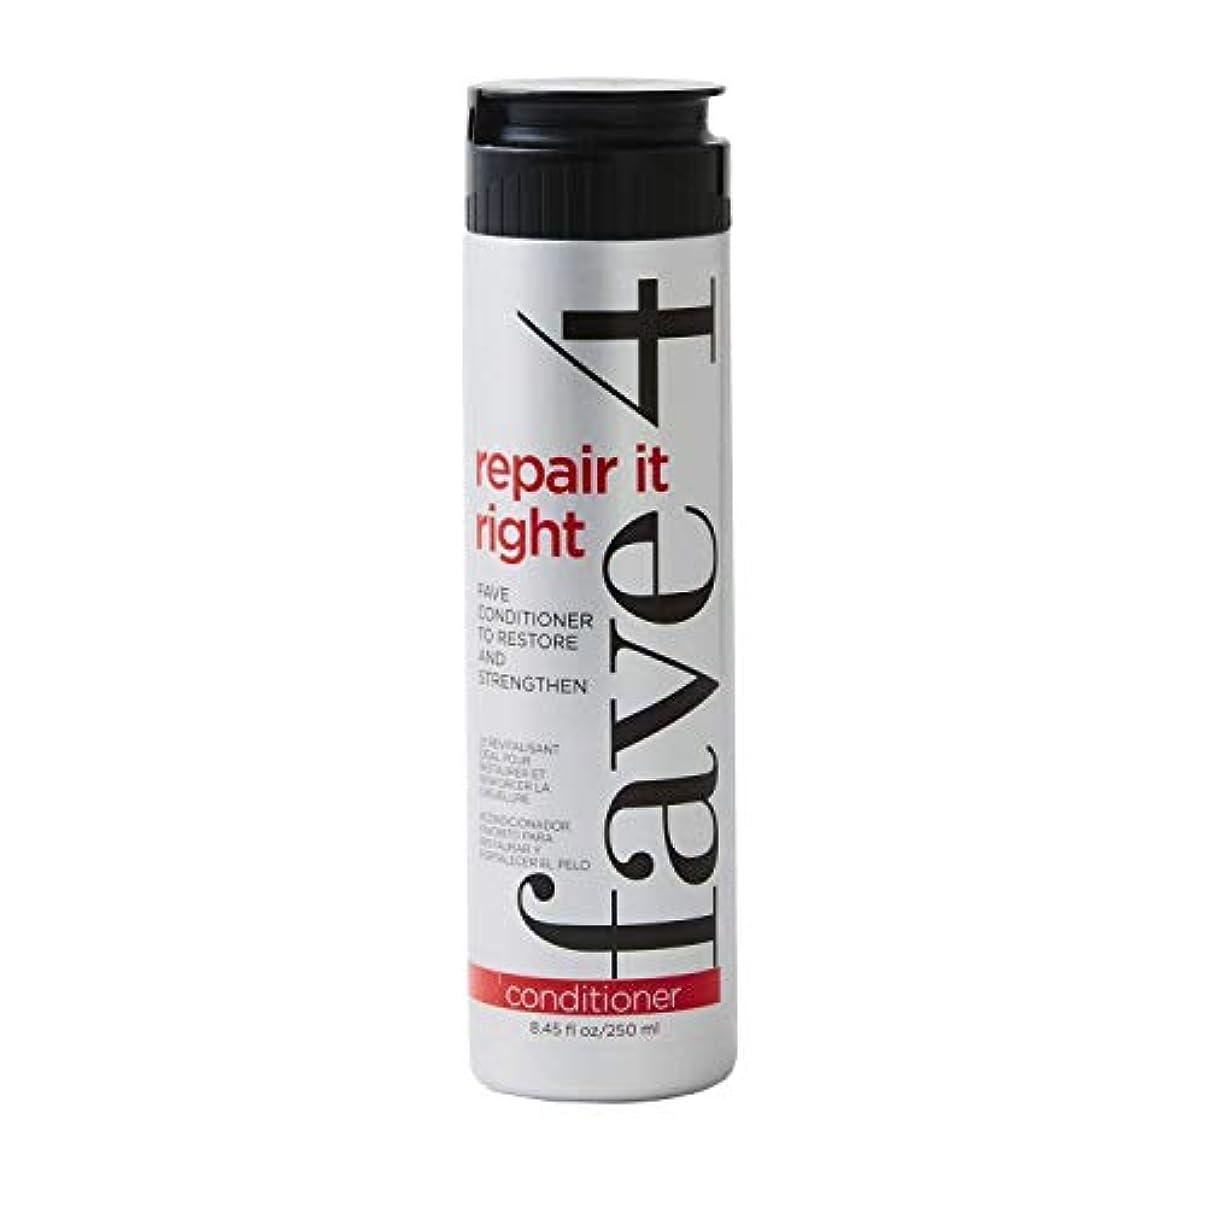 fave4 復元し、強化するために右フェイブConditonerそれを修復 - 硫酸塩フリー|パラベンフリー|グルテンフリー|無添加塩化ナトリウムありません|虐待無料|色処理した毛髪、8.5オンスのための安全な 8.5オンス